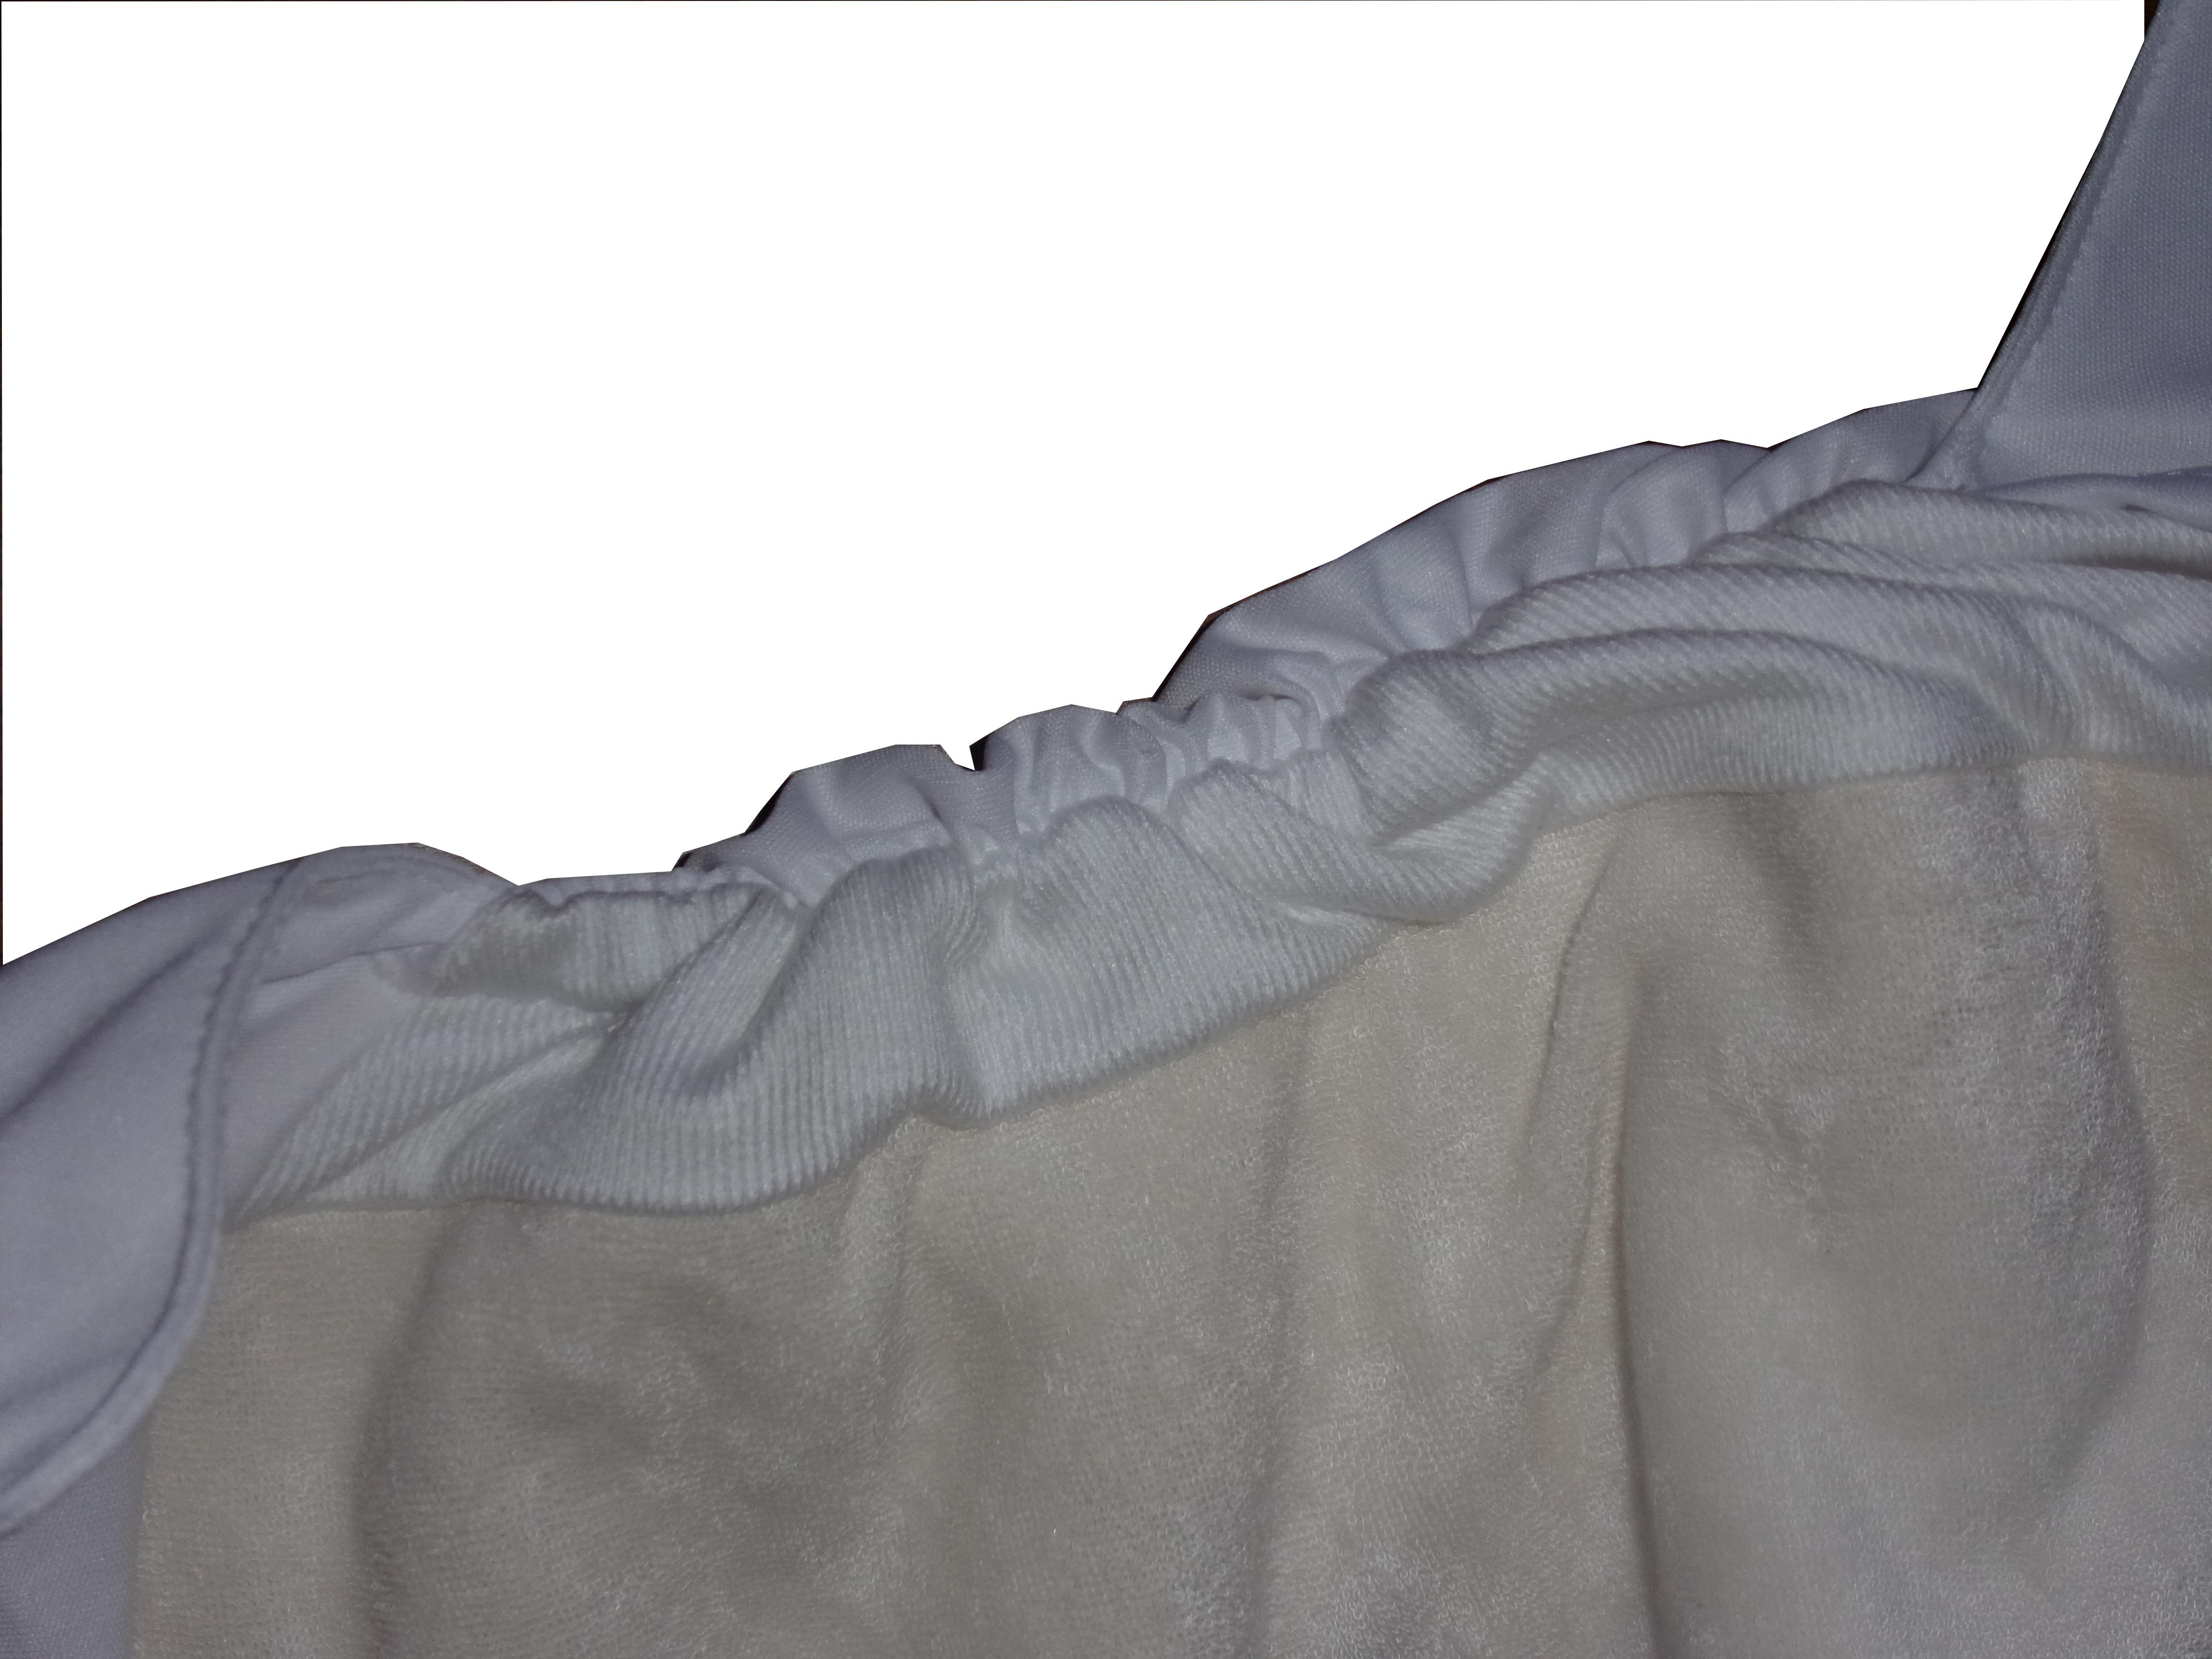 couche easyfit totsbots TE1 V5 intérieur sans coutures